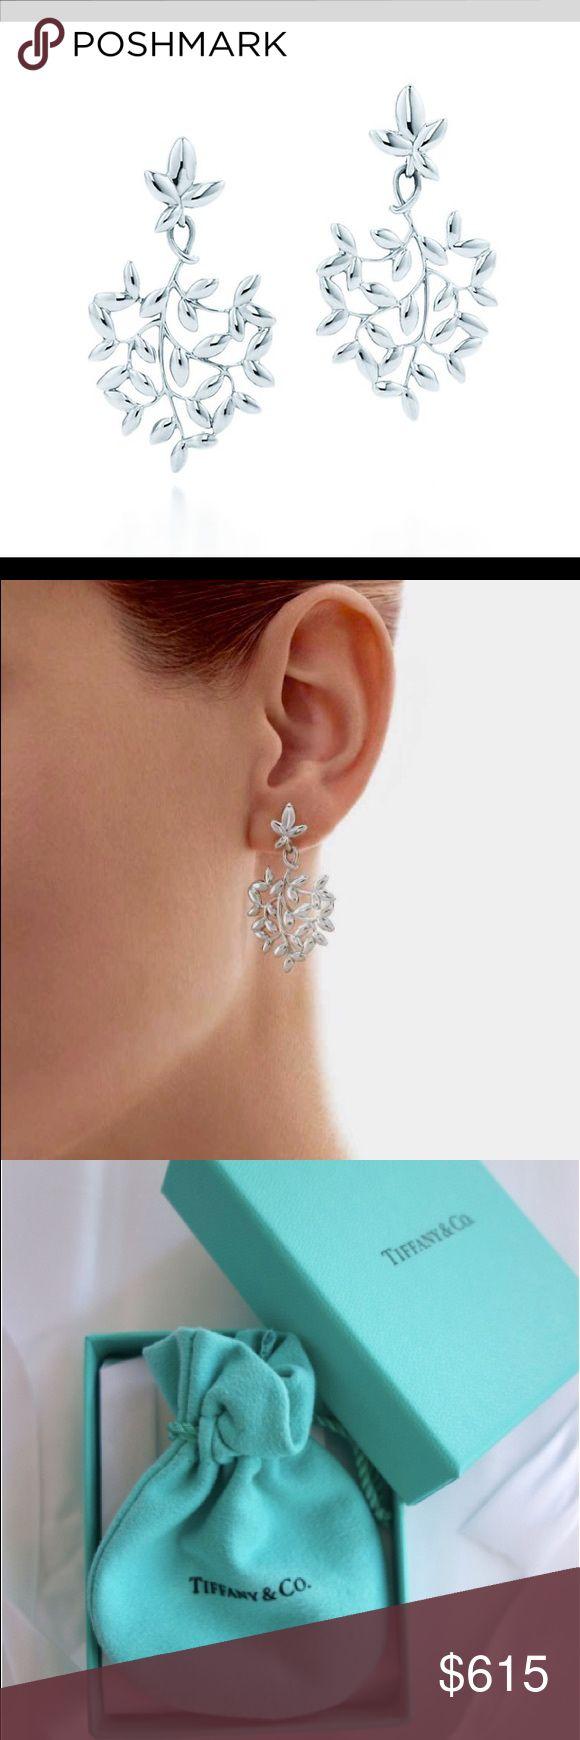 Tiffany & Co. Olive Leaf Drop Earrings A beautiful Olive Leaf Drop Earrings, a symbol of Peace. Earring in sterling silver. Tiffany & Co. Jewelry Earrings